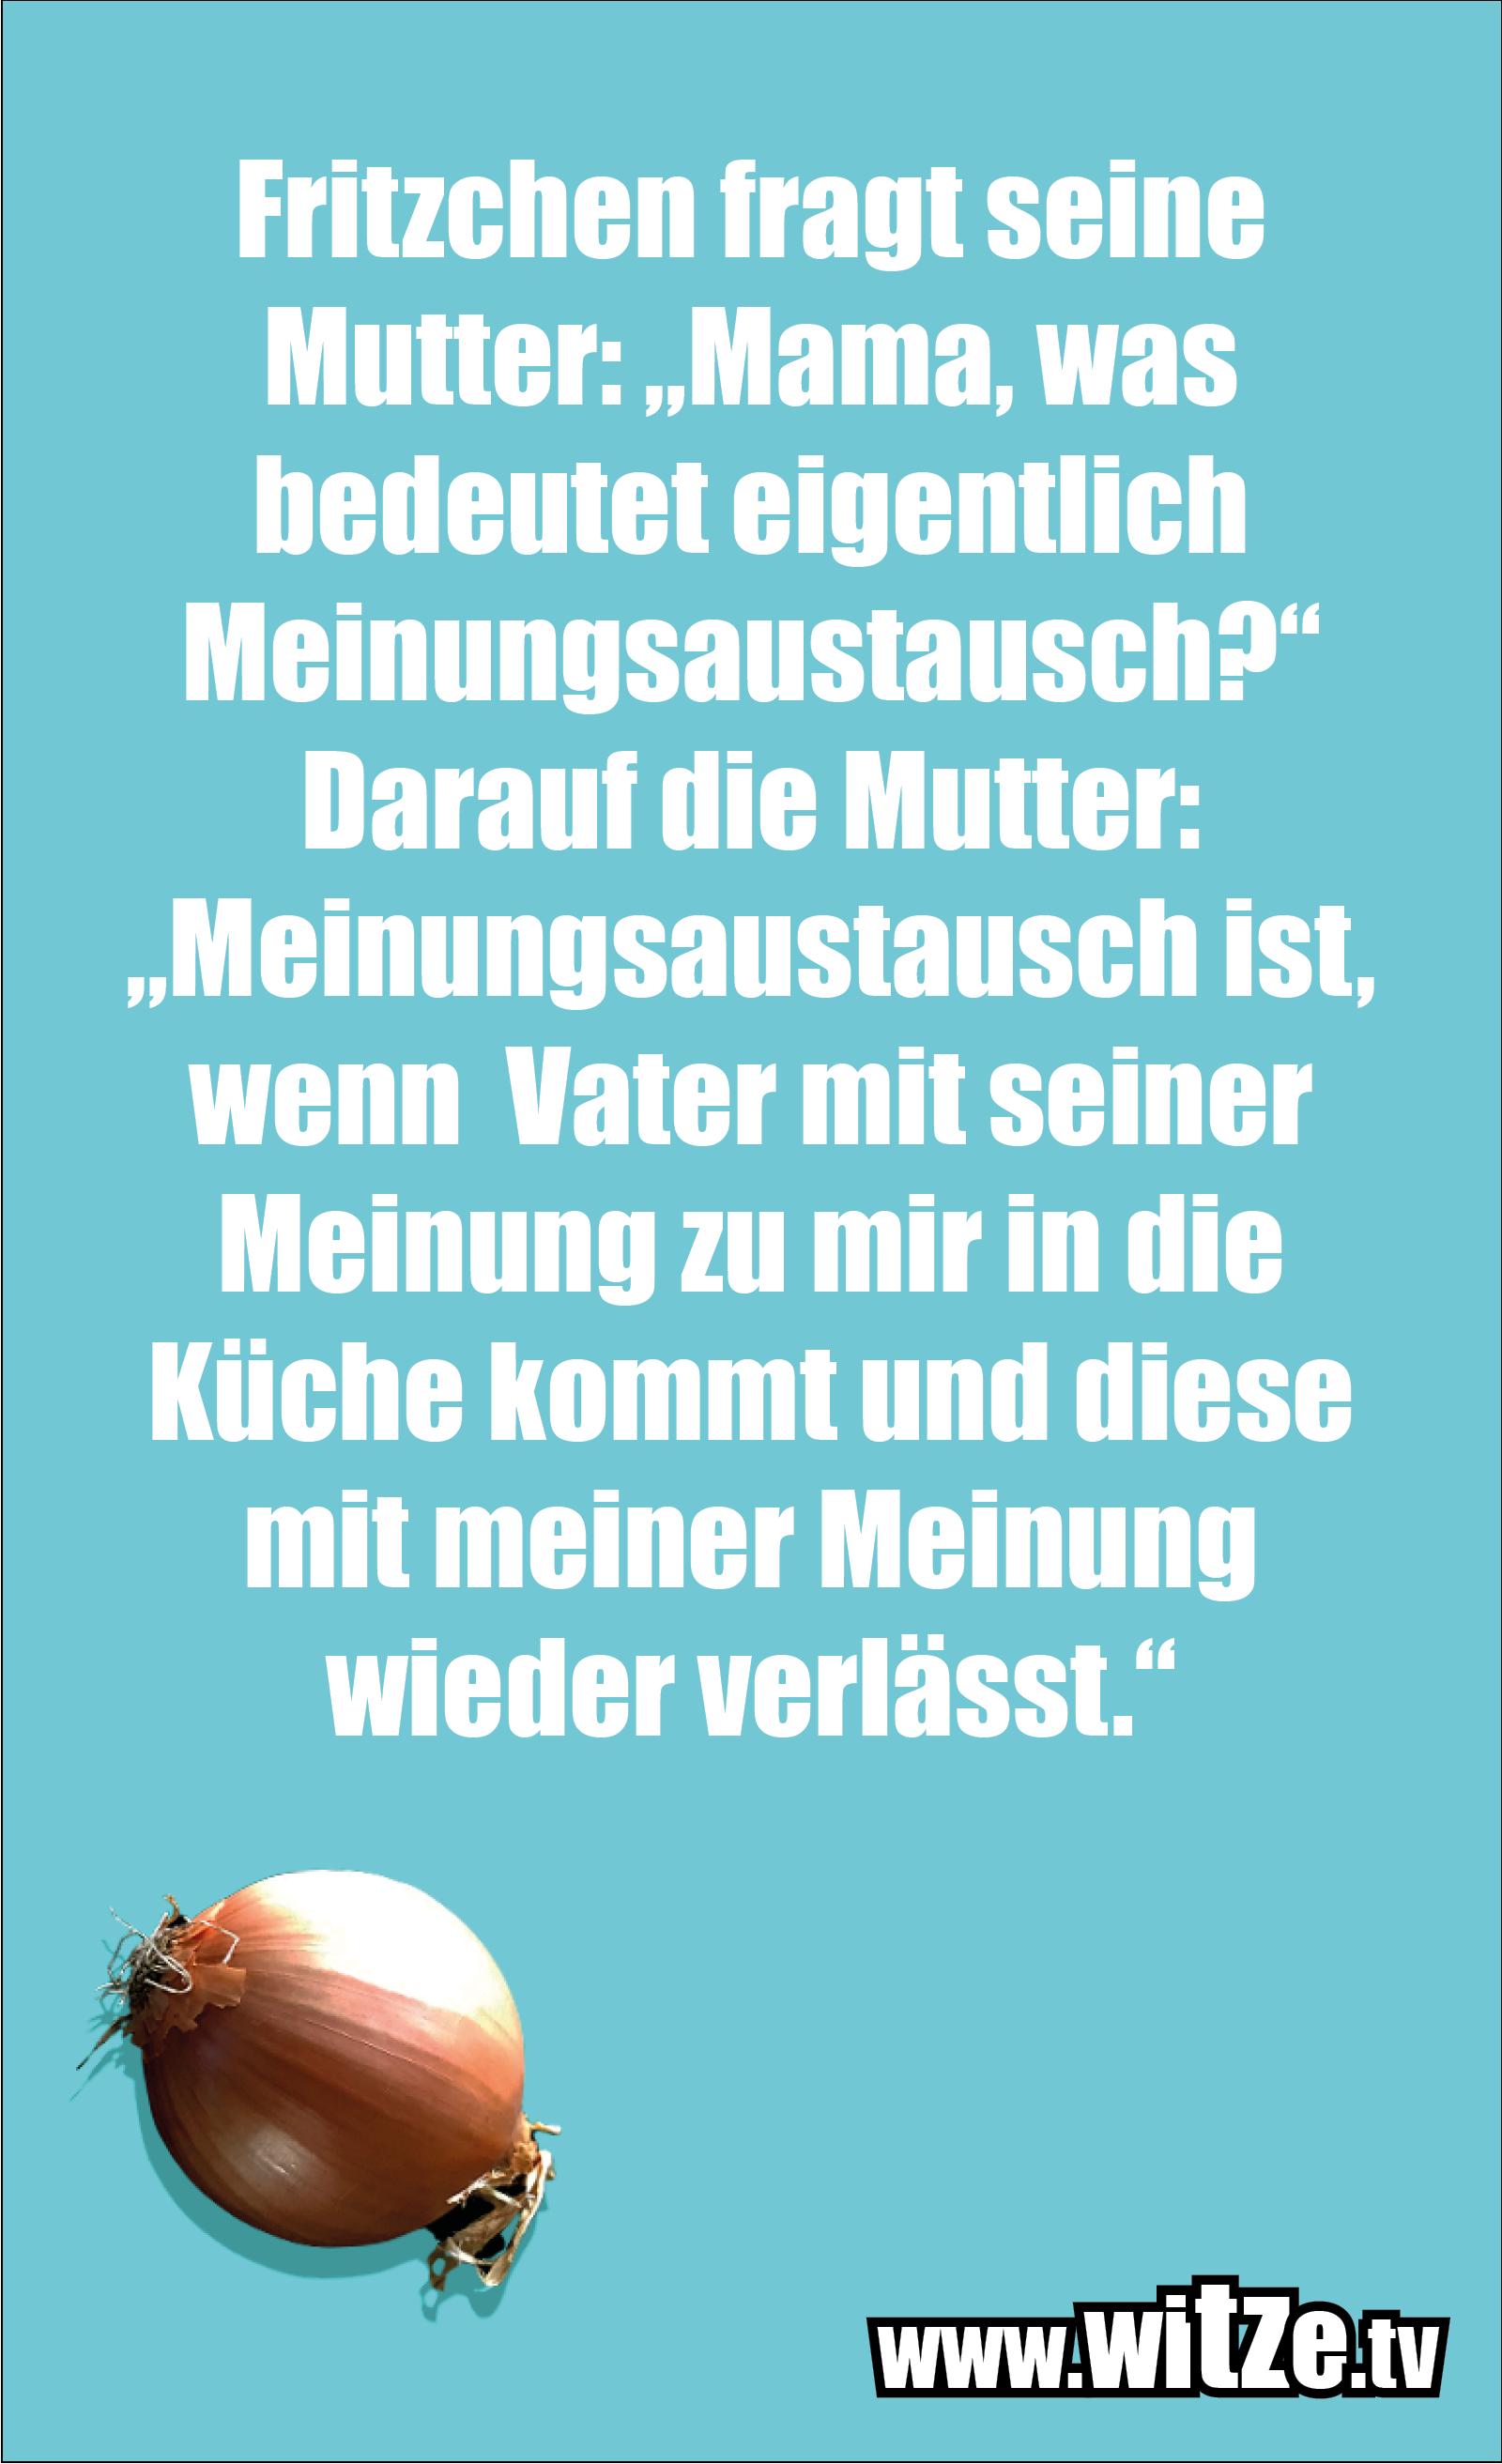 Witz über... Fritzchen fragt seine Mutter...